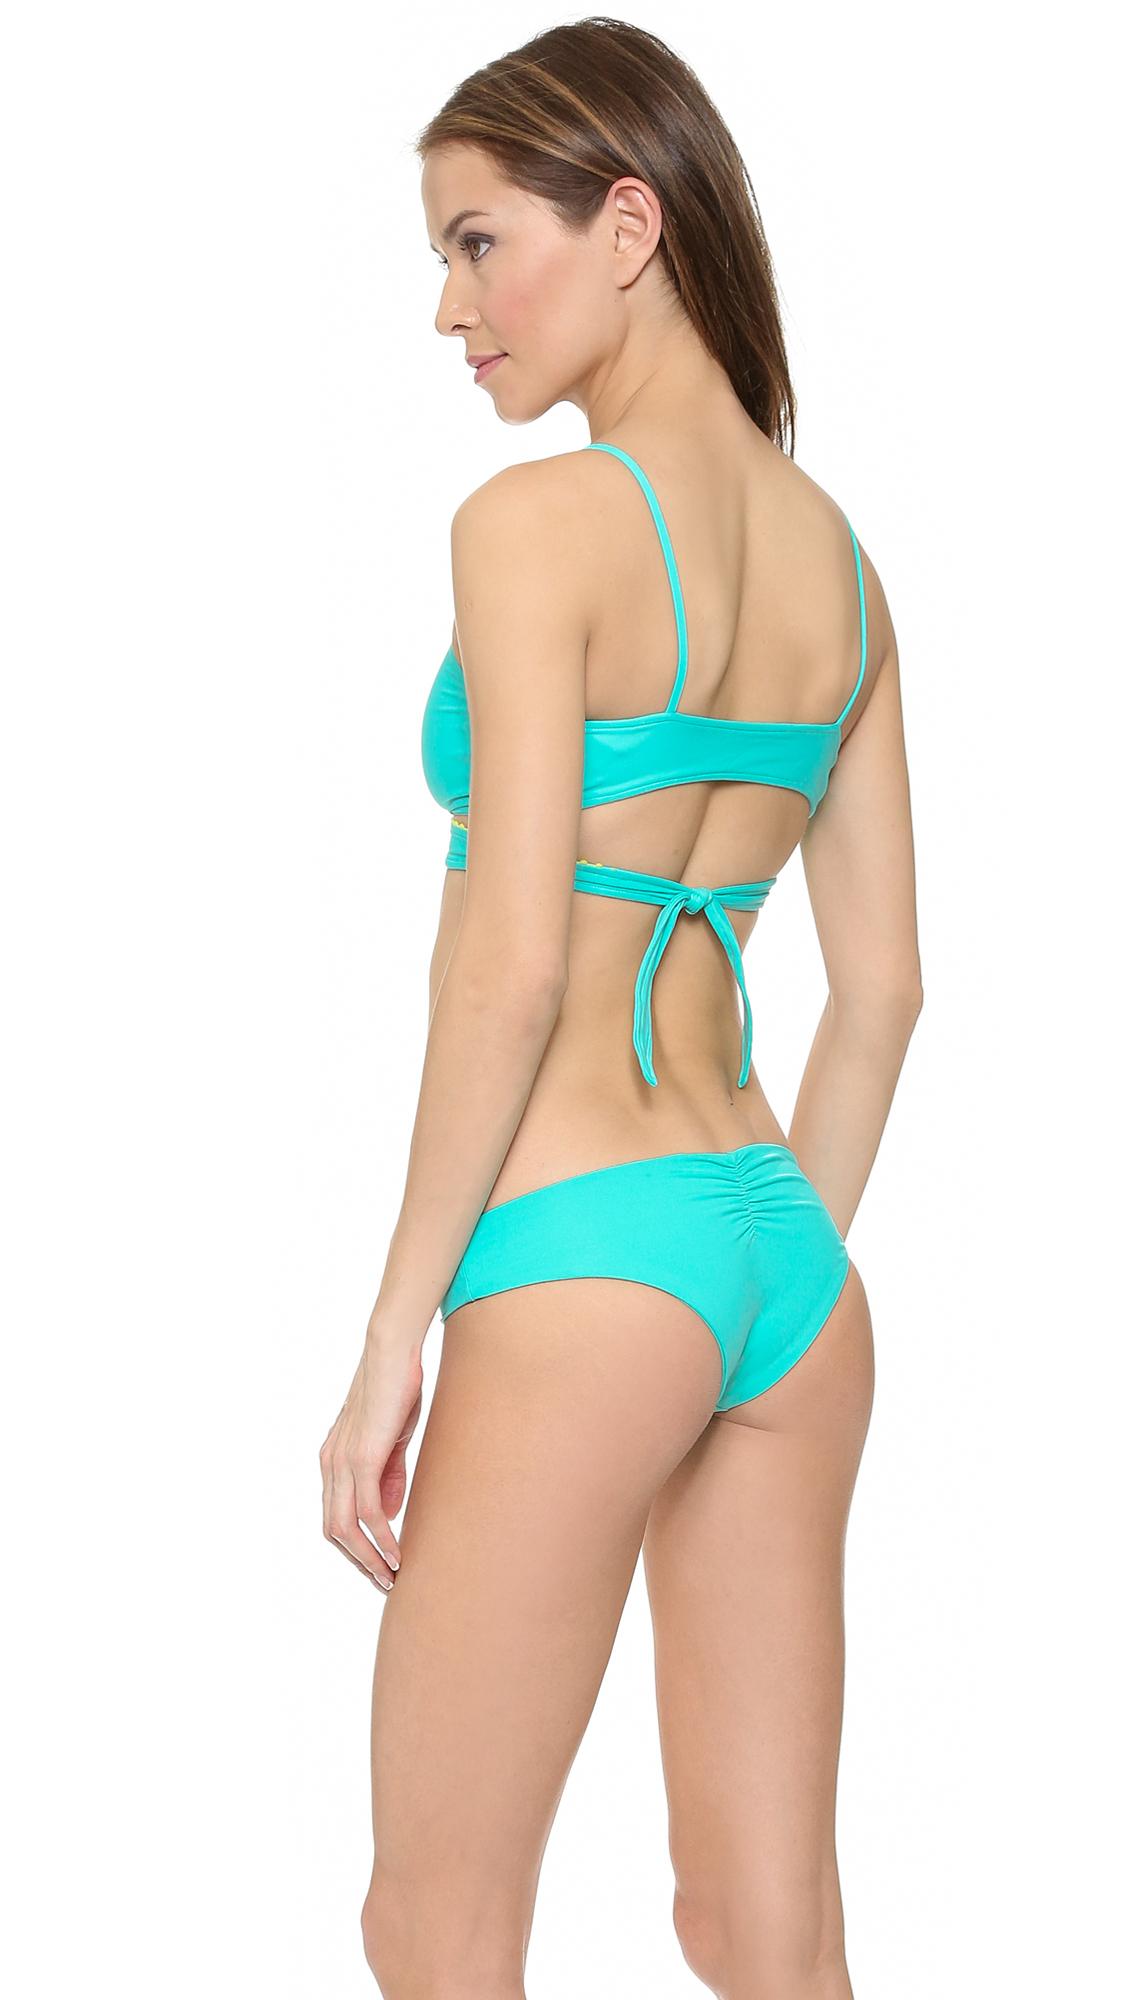 f2a24ccb24eed L*Space L* Bohemian Beach Chloe Wrap Bikini Top - Caribbean in Blue ...